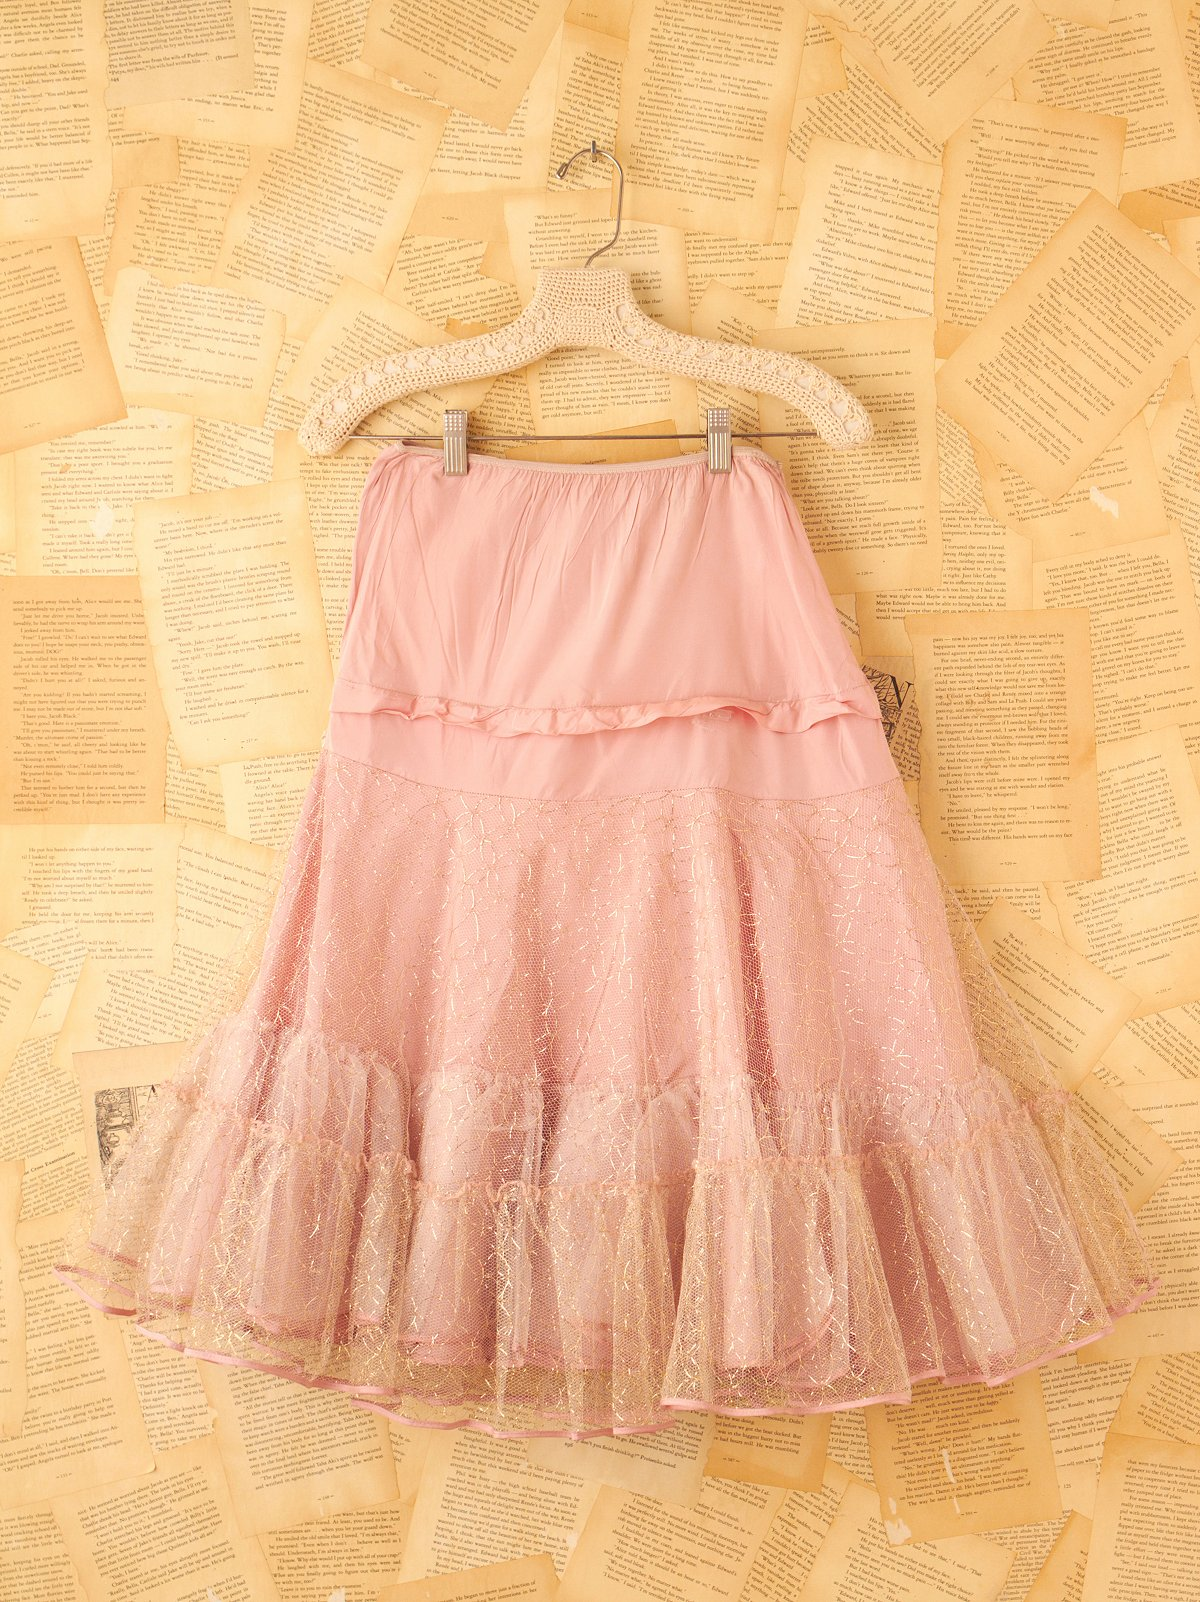 Vintage Pink Crinoline Slip with Gold Thread